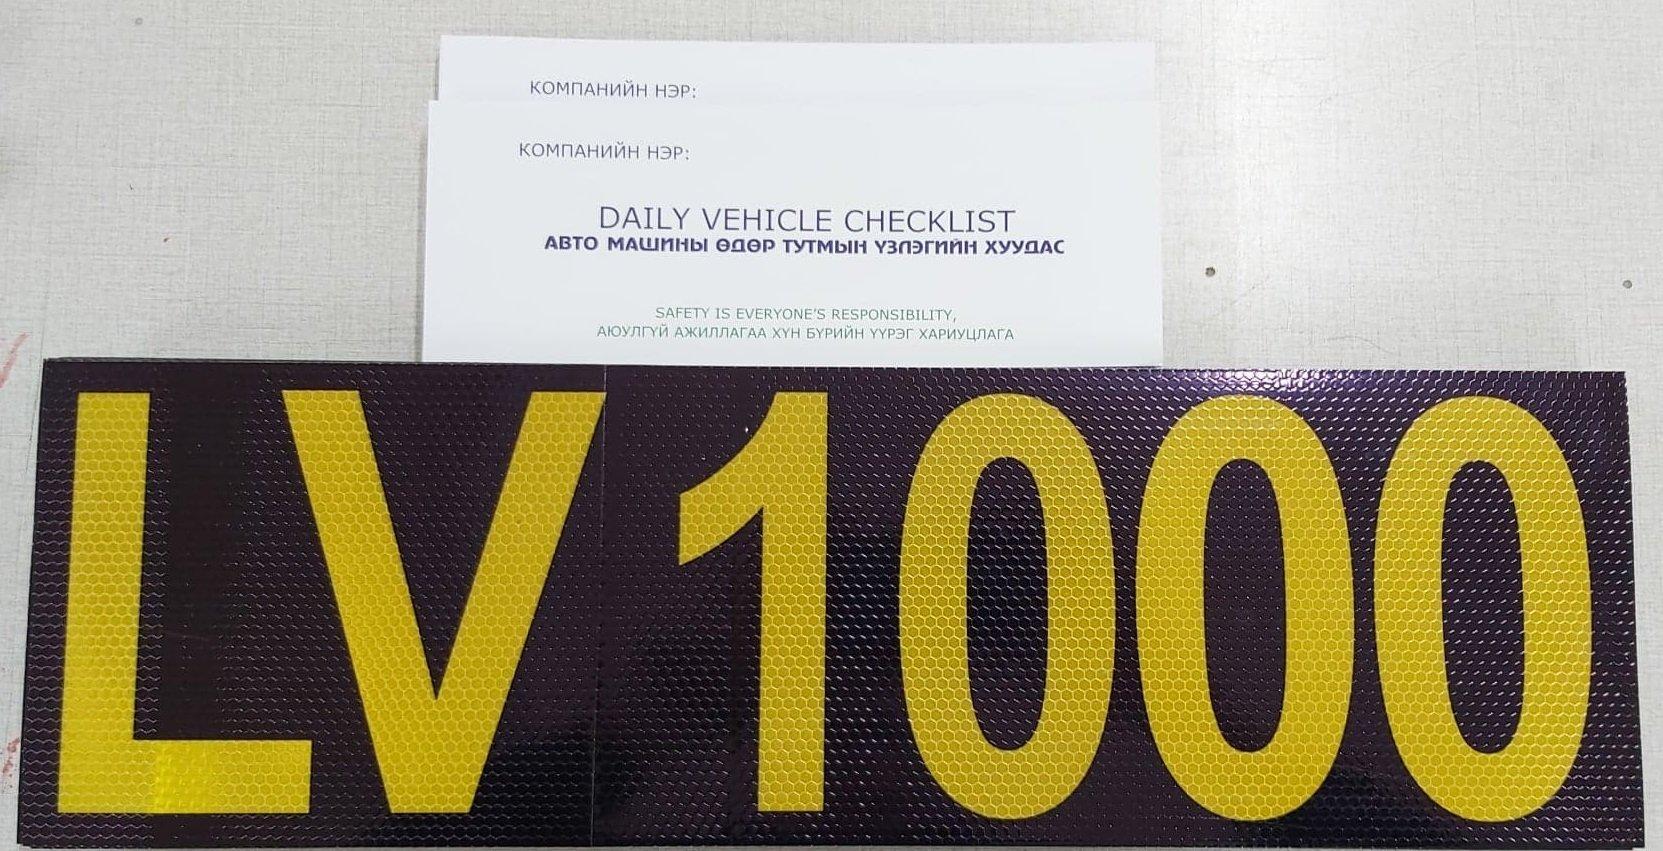 Эрдэнэс Майнинг ХК-д уурхайн автомашины парк дугаар болон үзлэгийн хуудас